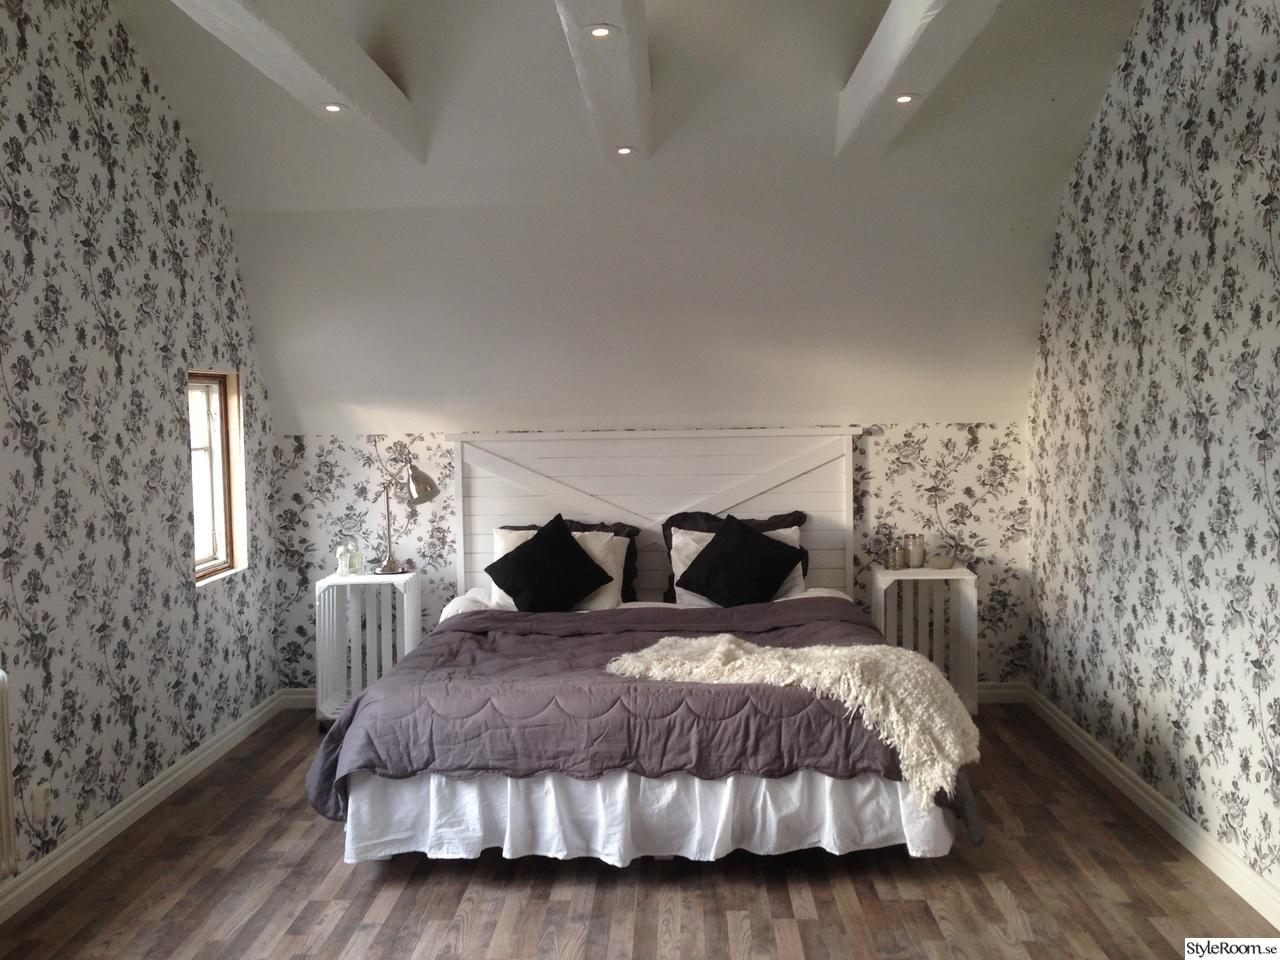 Bild på sovrum efter renovering - Stugprojekt av susanneorr